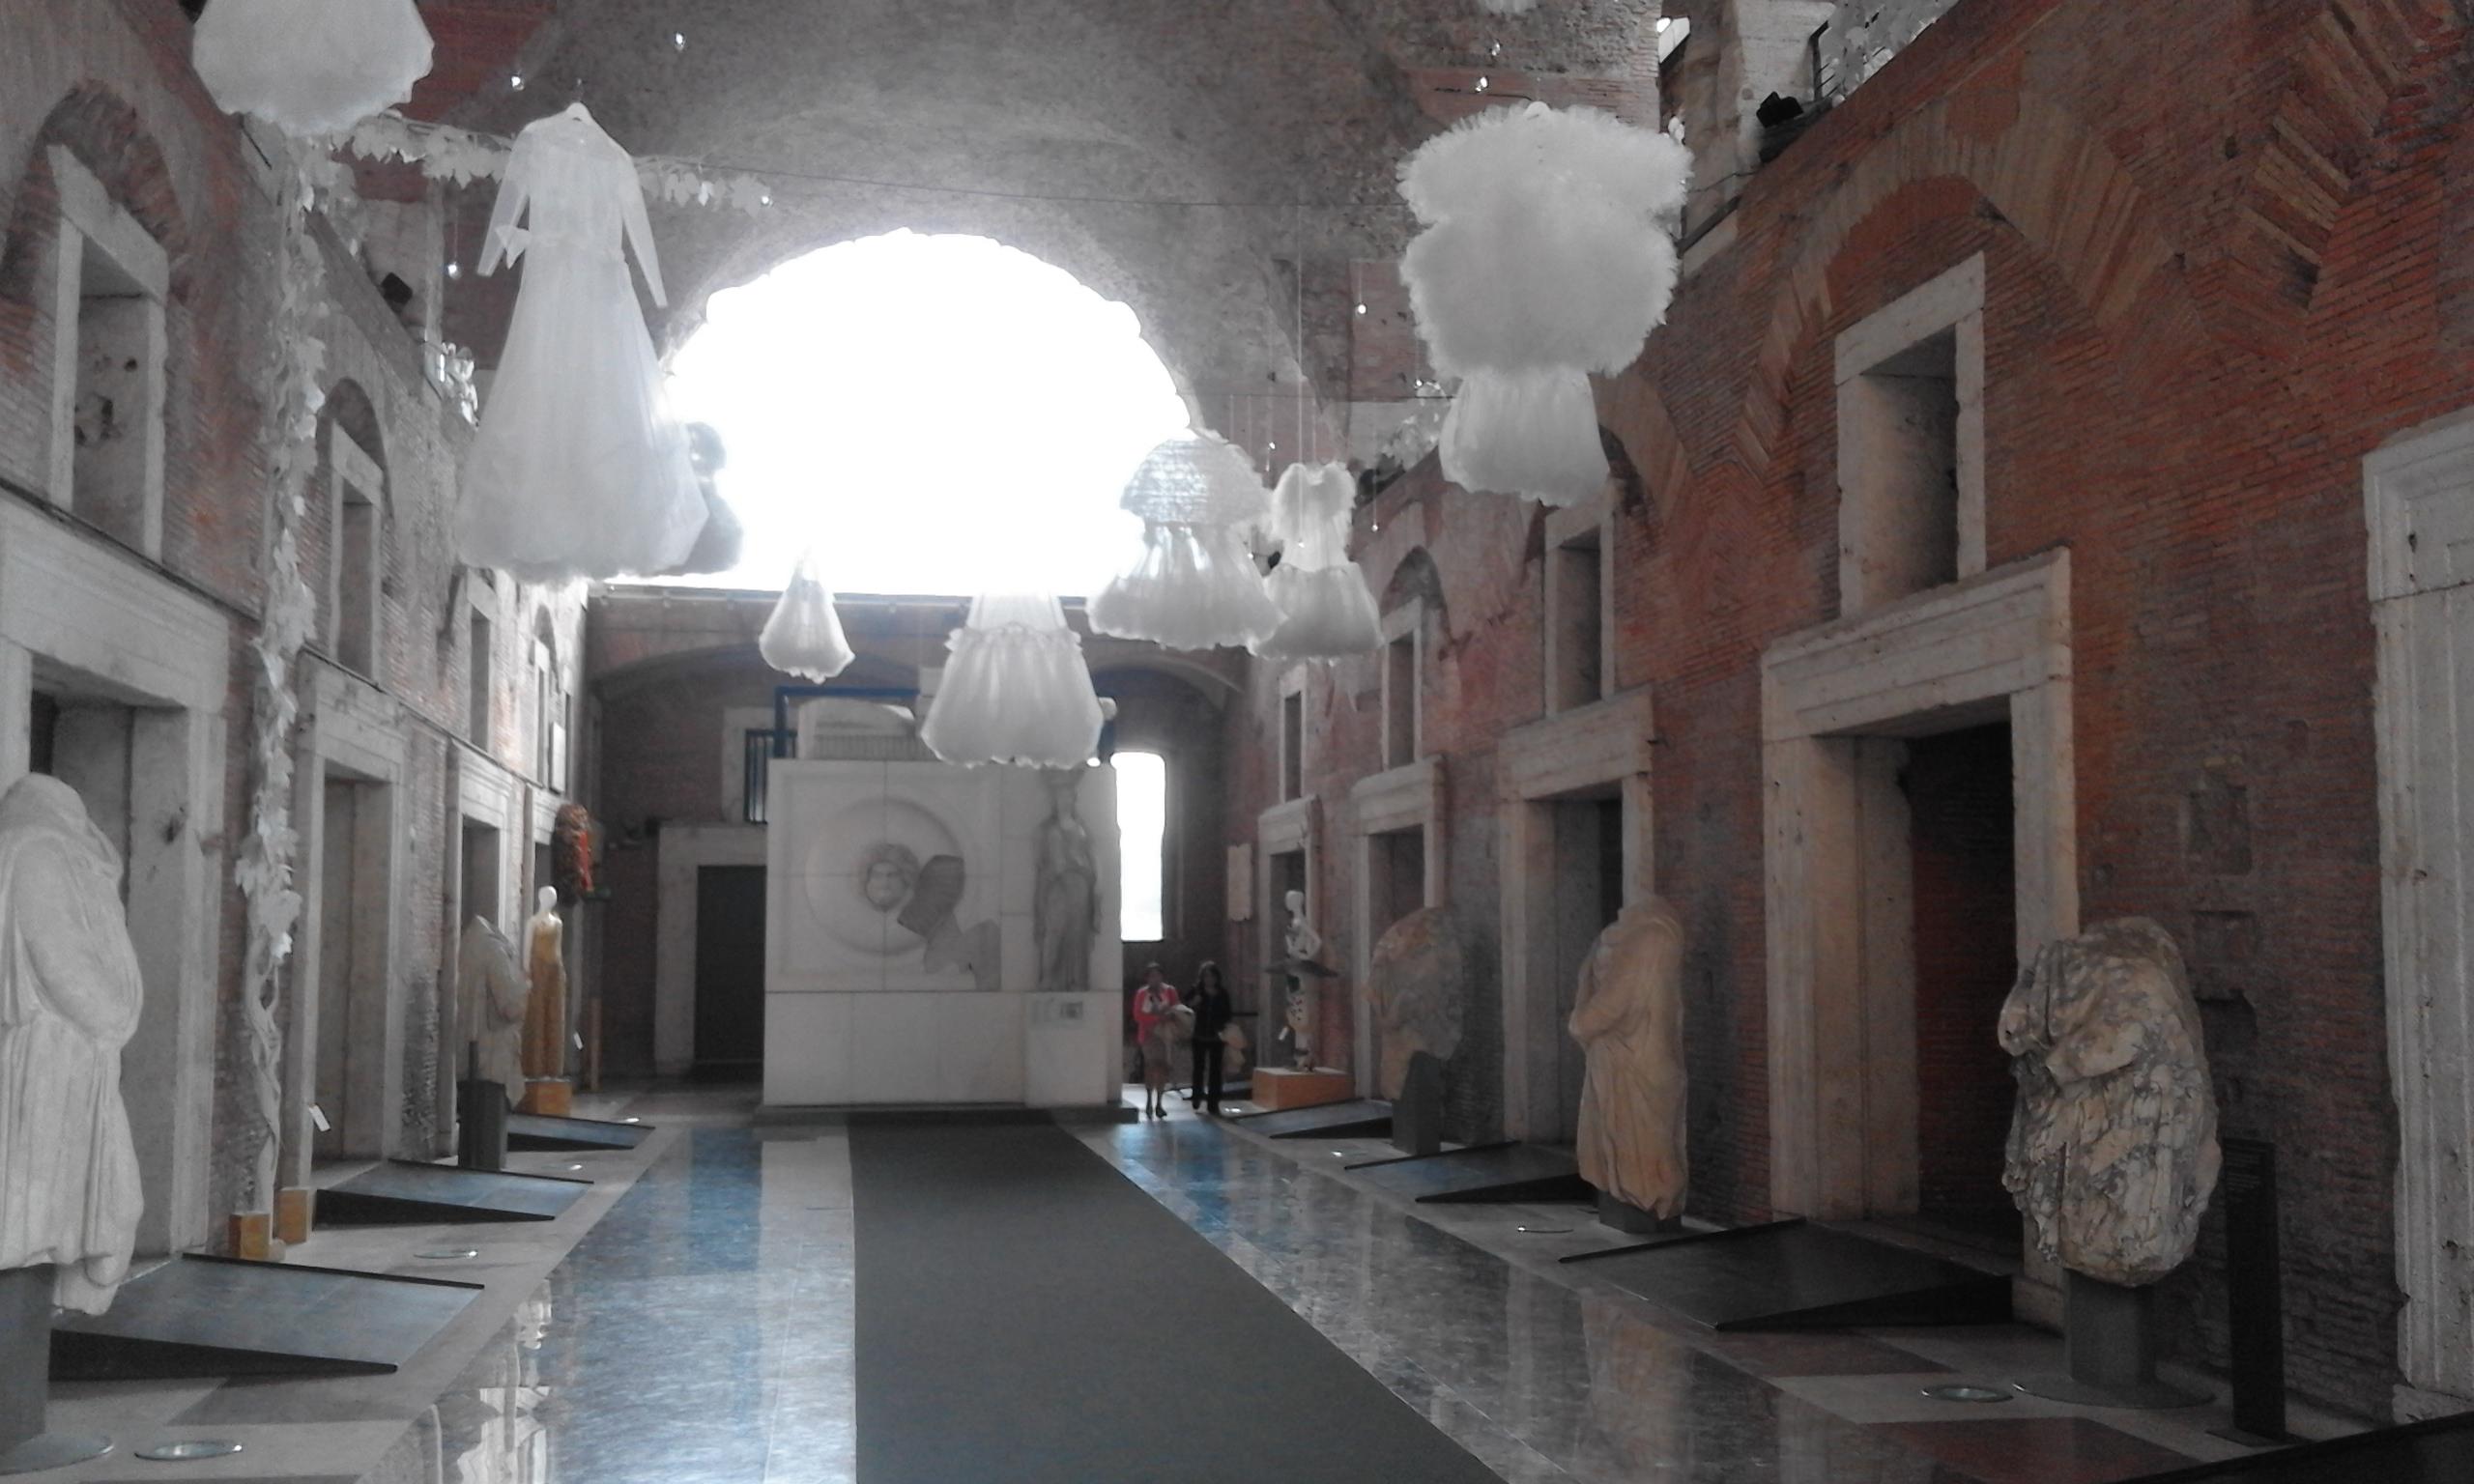 Mercati Traiani - Rome private tour